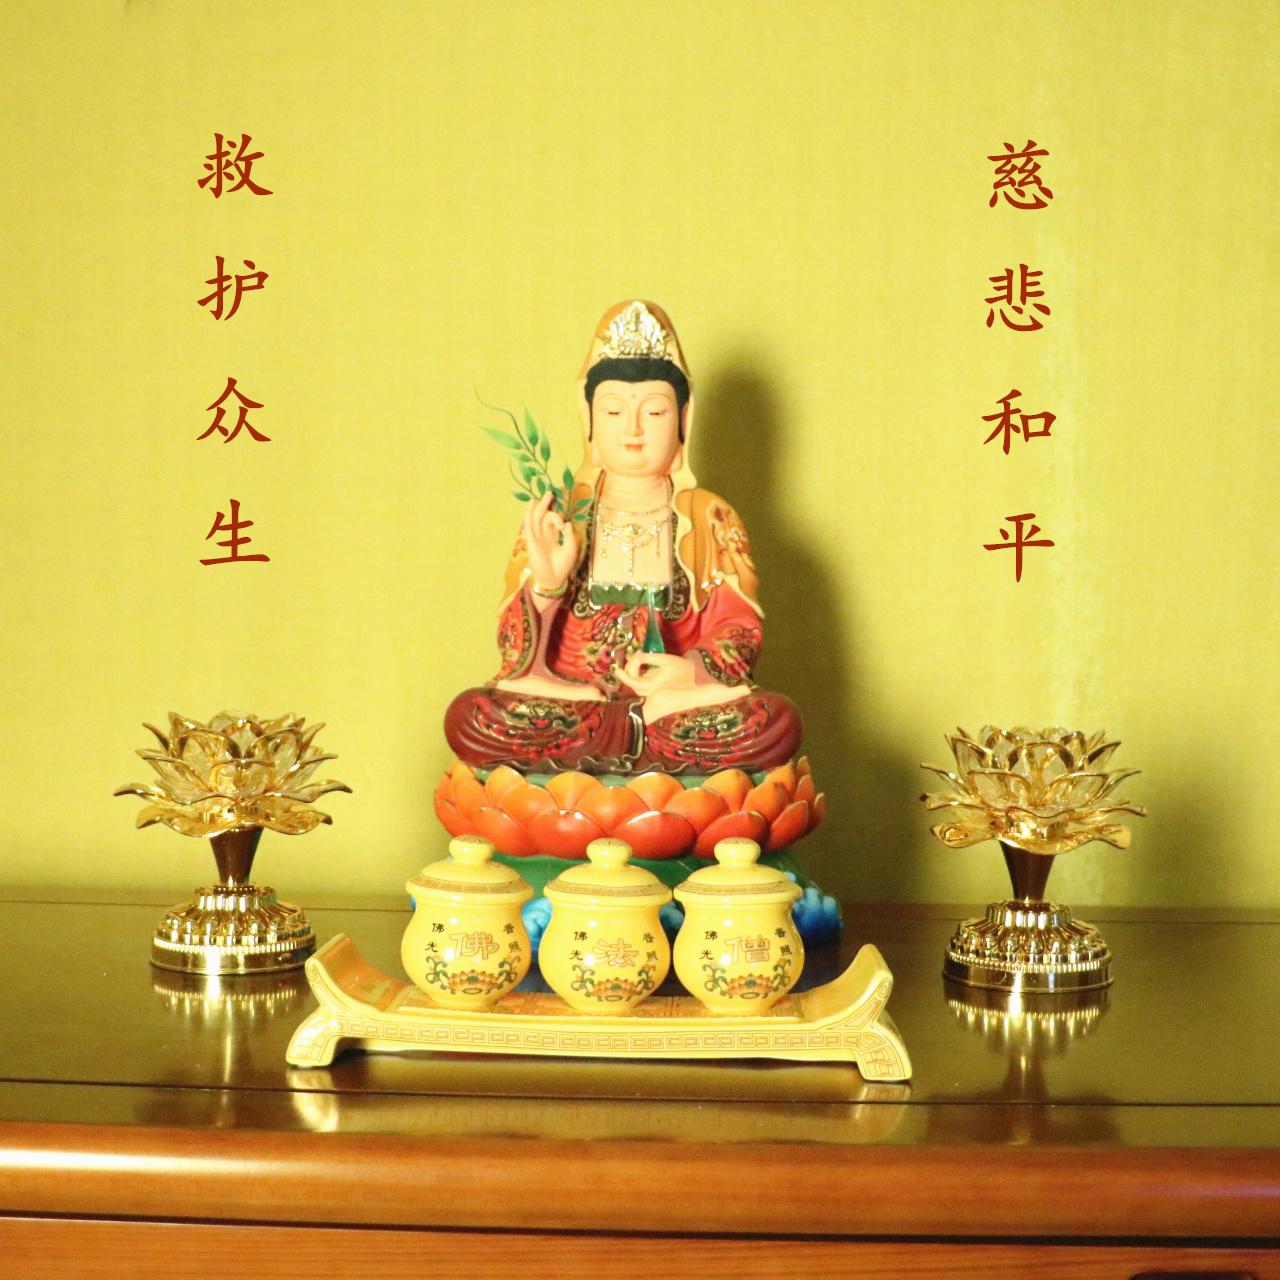 12寸開光觀音佛像供奉菩薩像家用供佛佛堂保平吉祥安客廳家居裝飾品